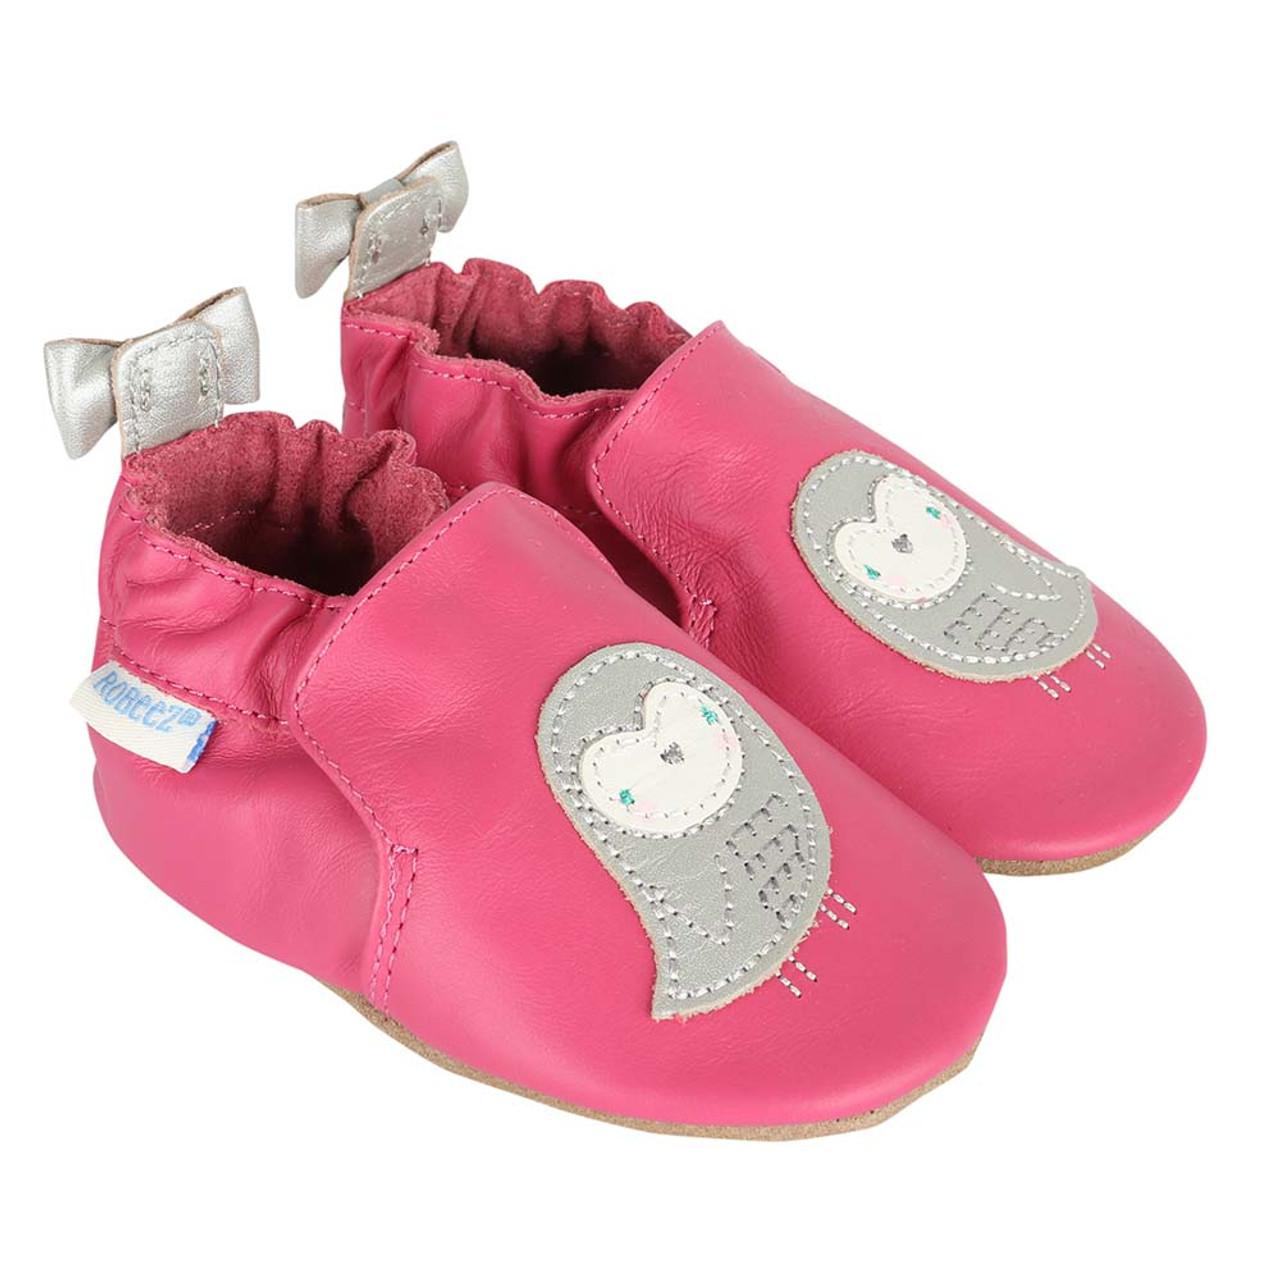 Baby Shoes, Bird Buddies Soft Soles: Girls, 0